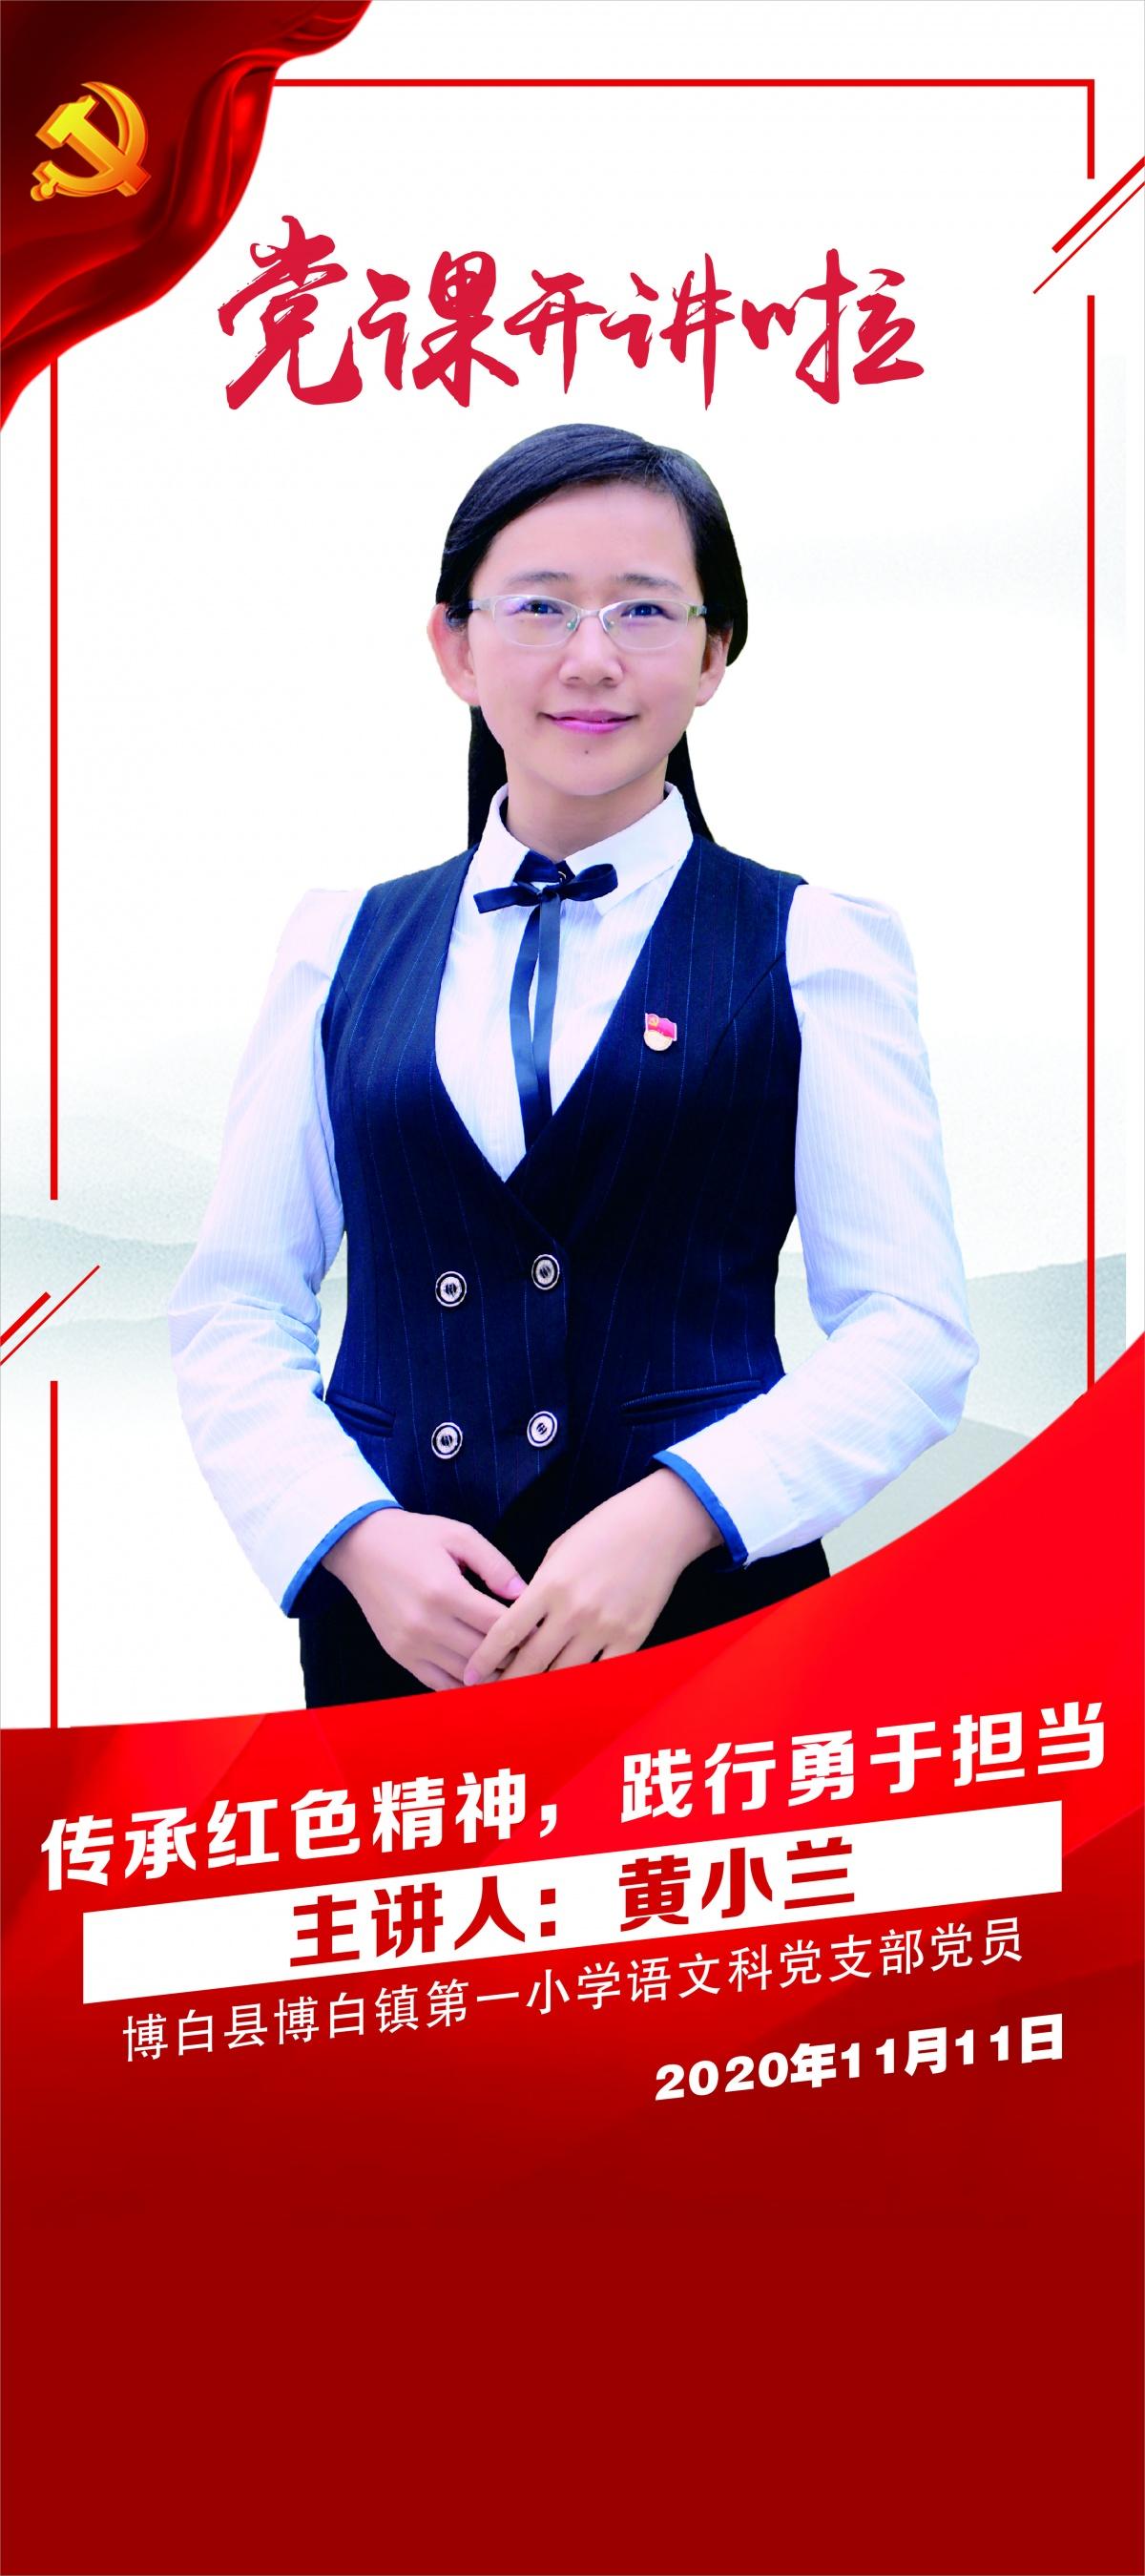 黄小兰——《传承红色精神,践行勇于担当》